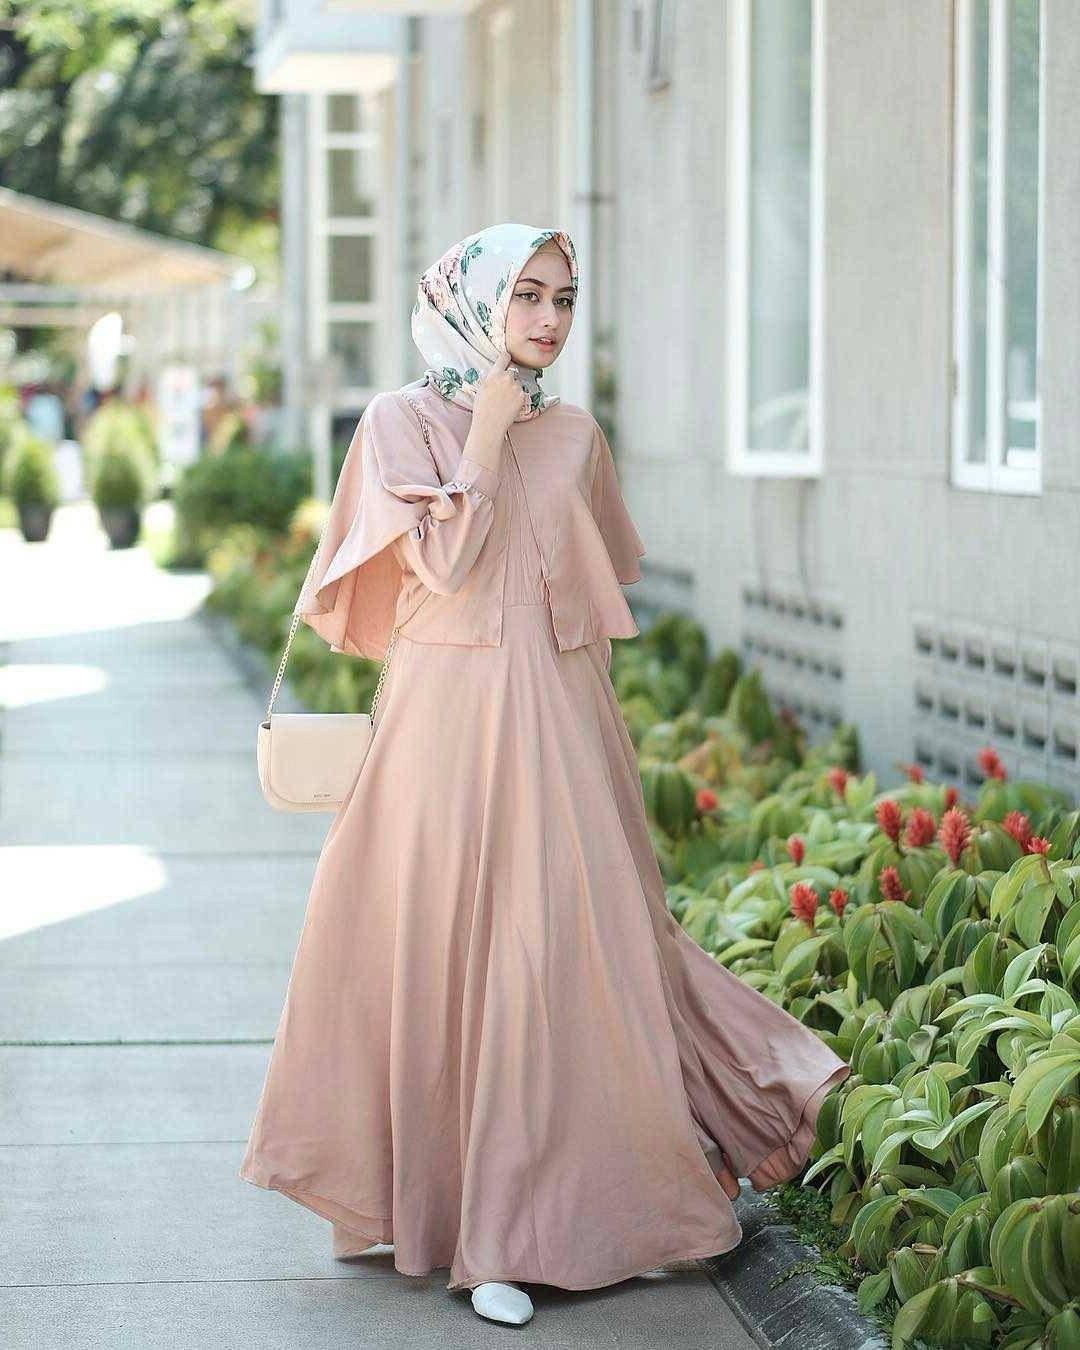 Inspirasi Model Baju Lebaran Perempuan 2018 Ftd8 21 Model Gamis Lebaran 2018 Desain Elegan Casual Dan Modern